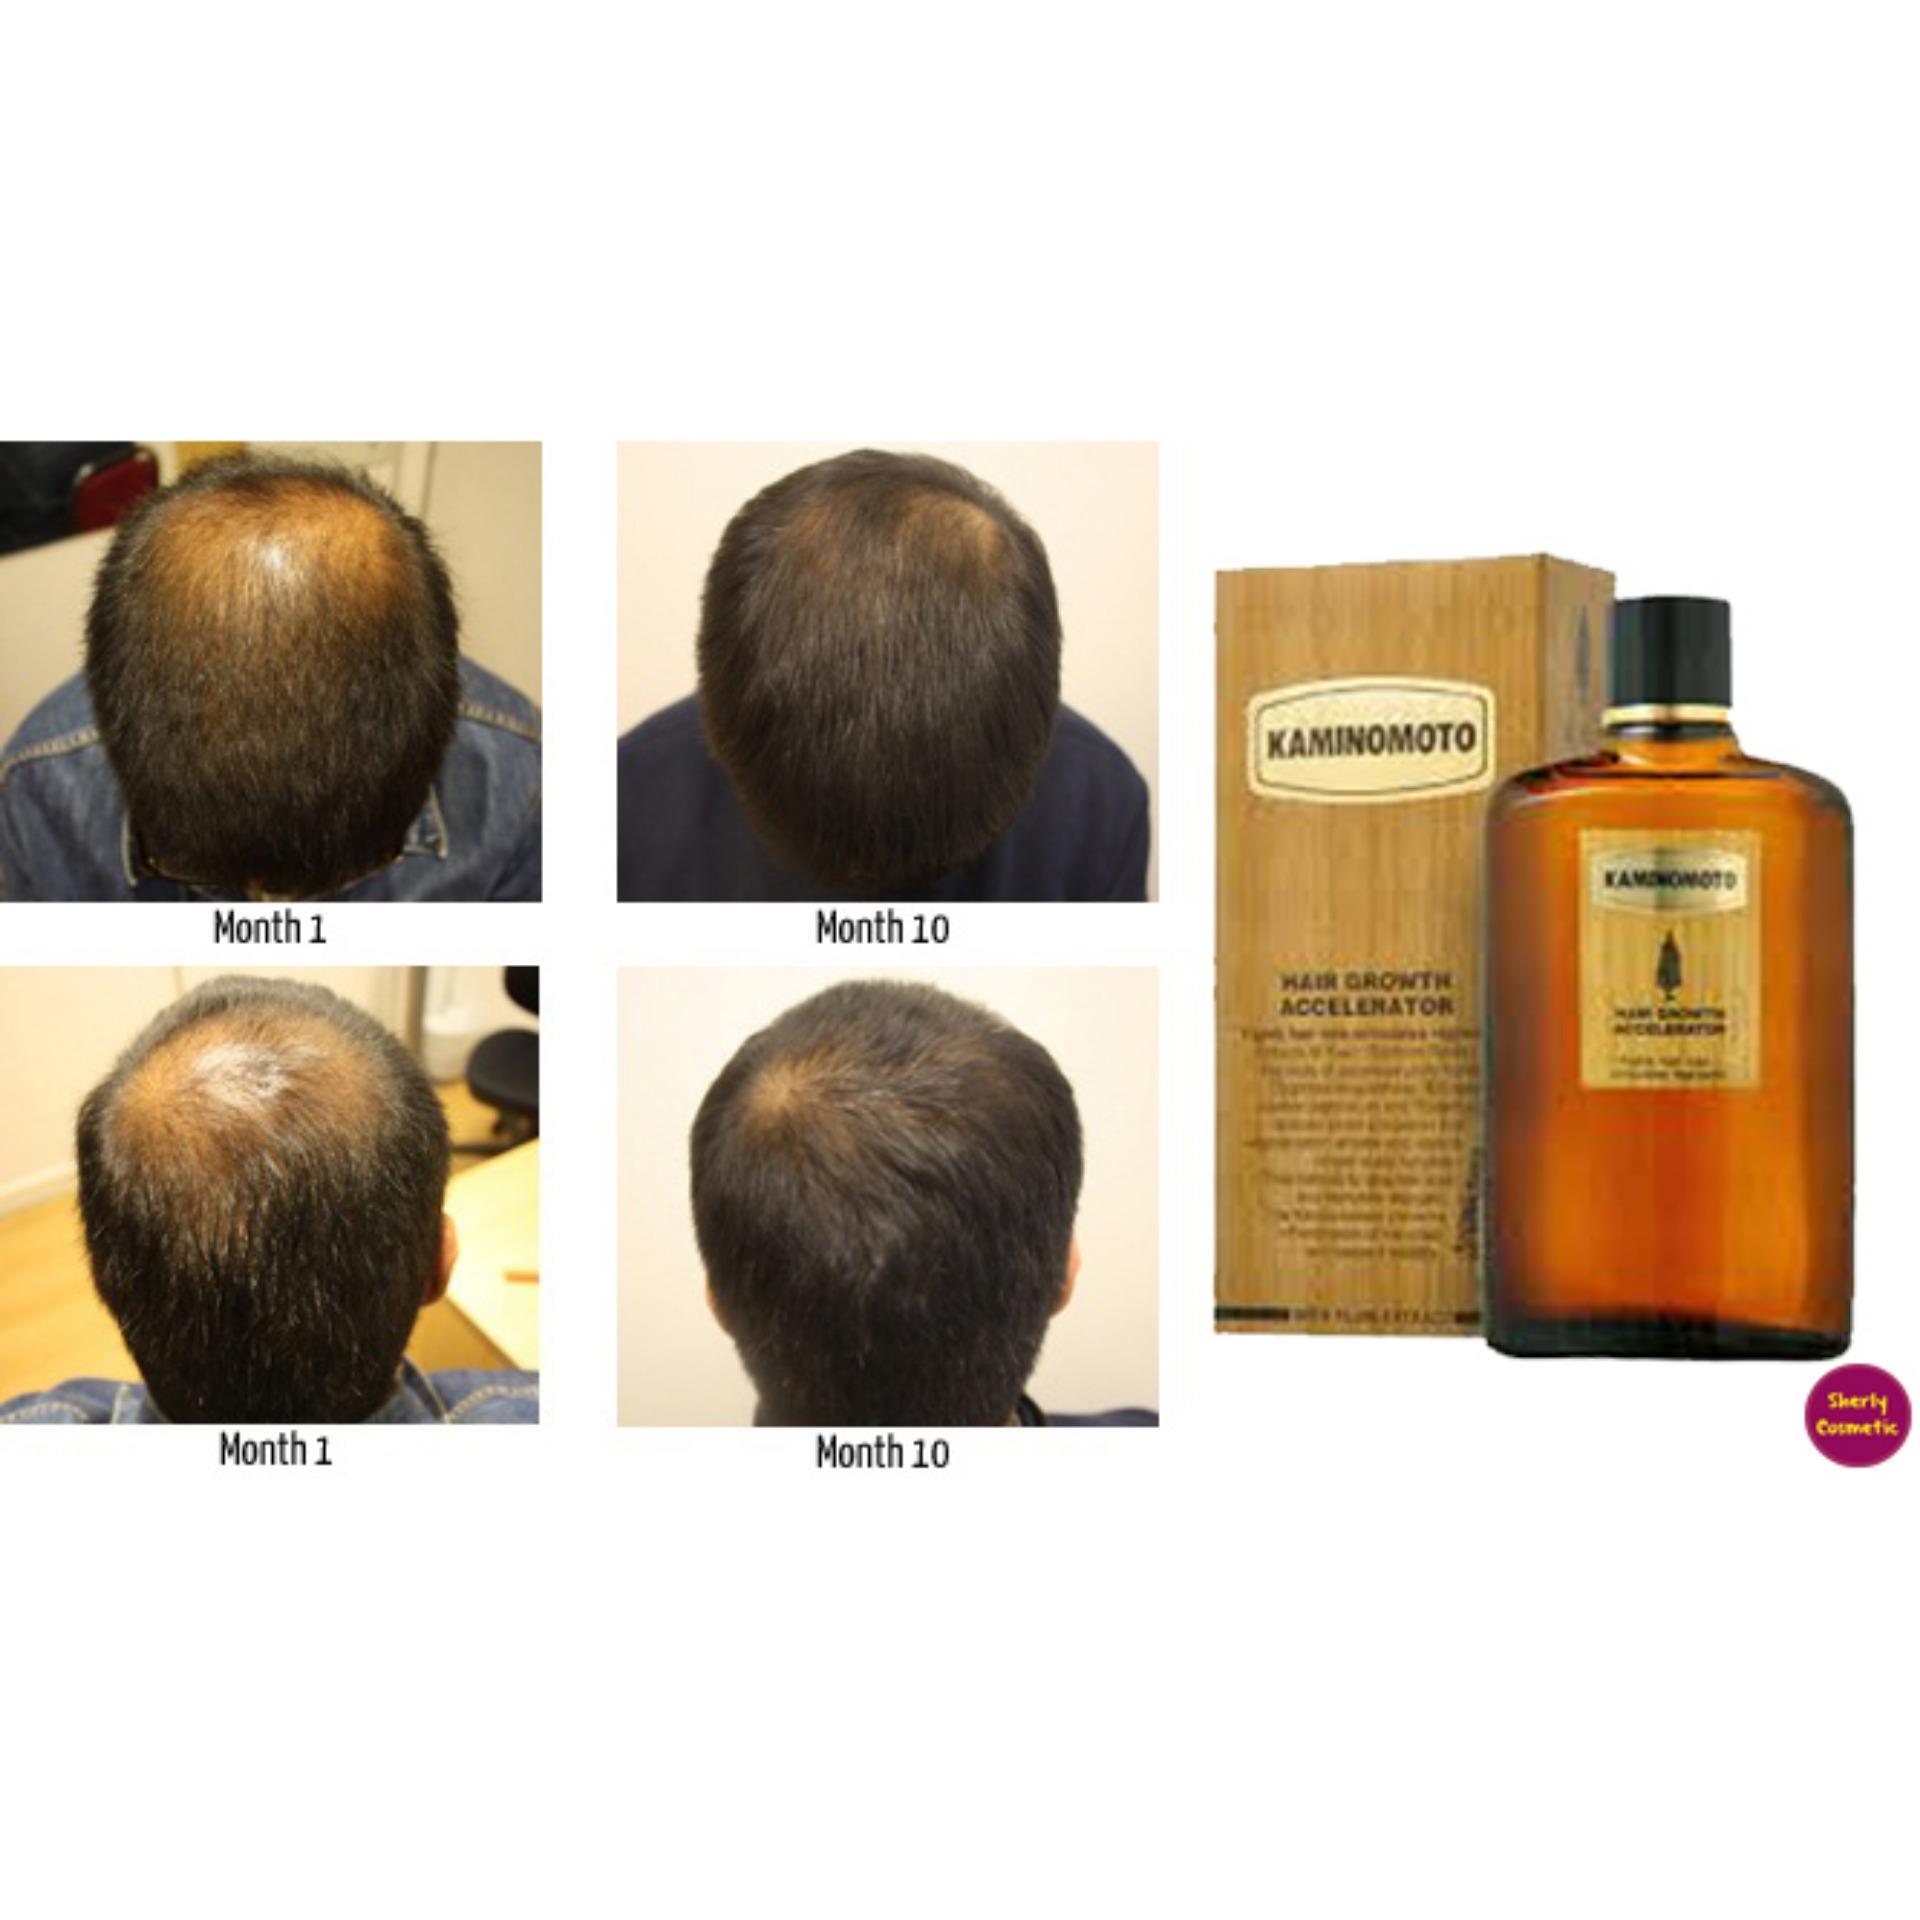 tonik kaminomoto / kaminomoto hair growth accelerator / tonik penumbuh rambut pencegah kebotakan best er original – 150ml